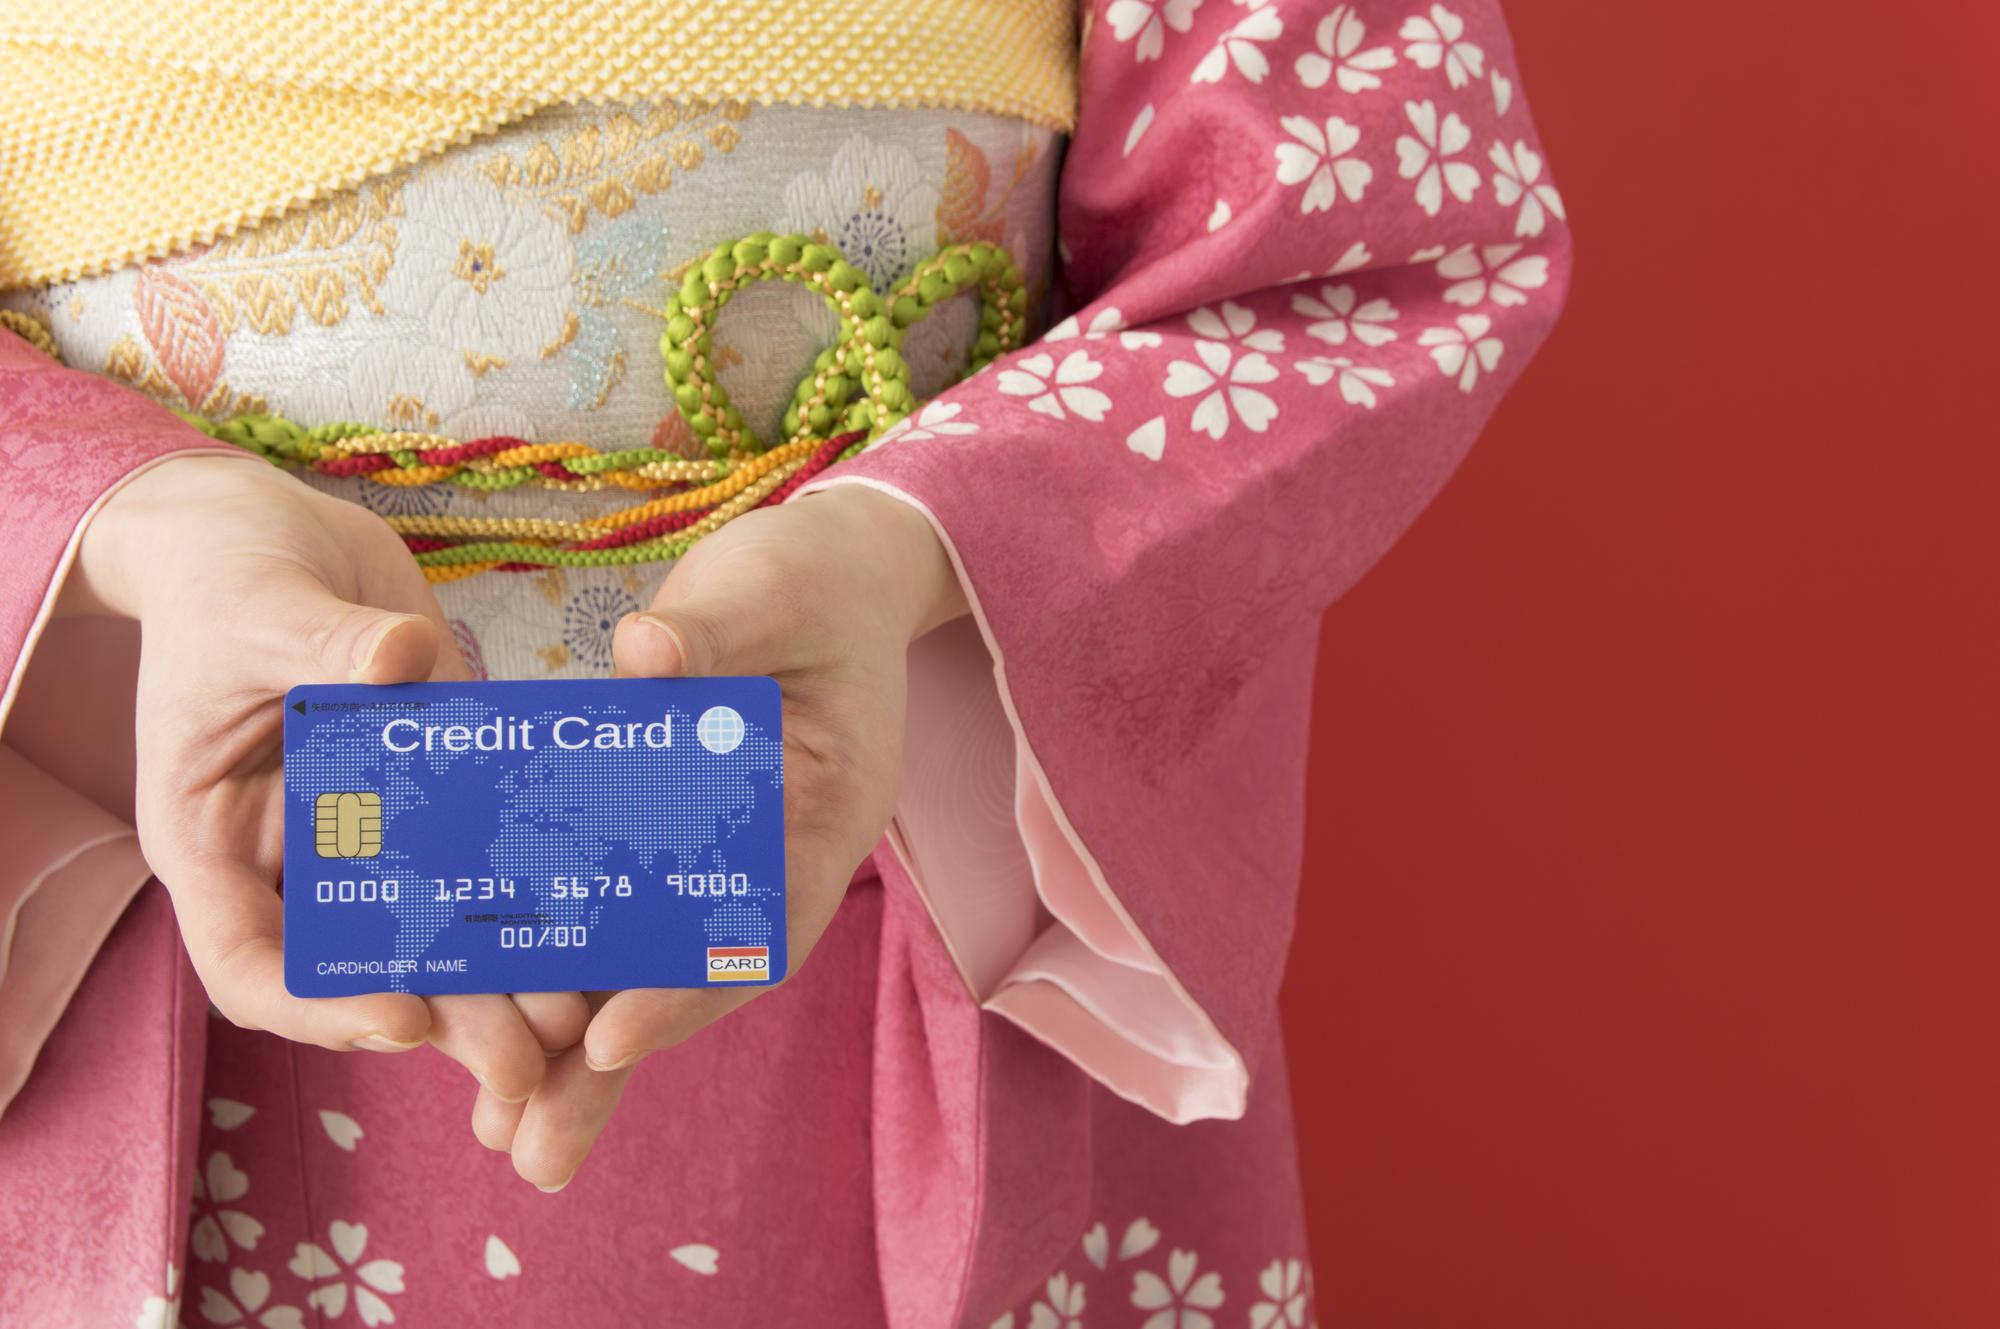 即日審査・即日融資対応のカードローンと申し込みの注意点